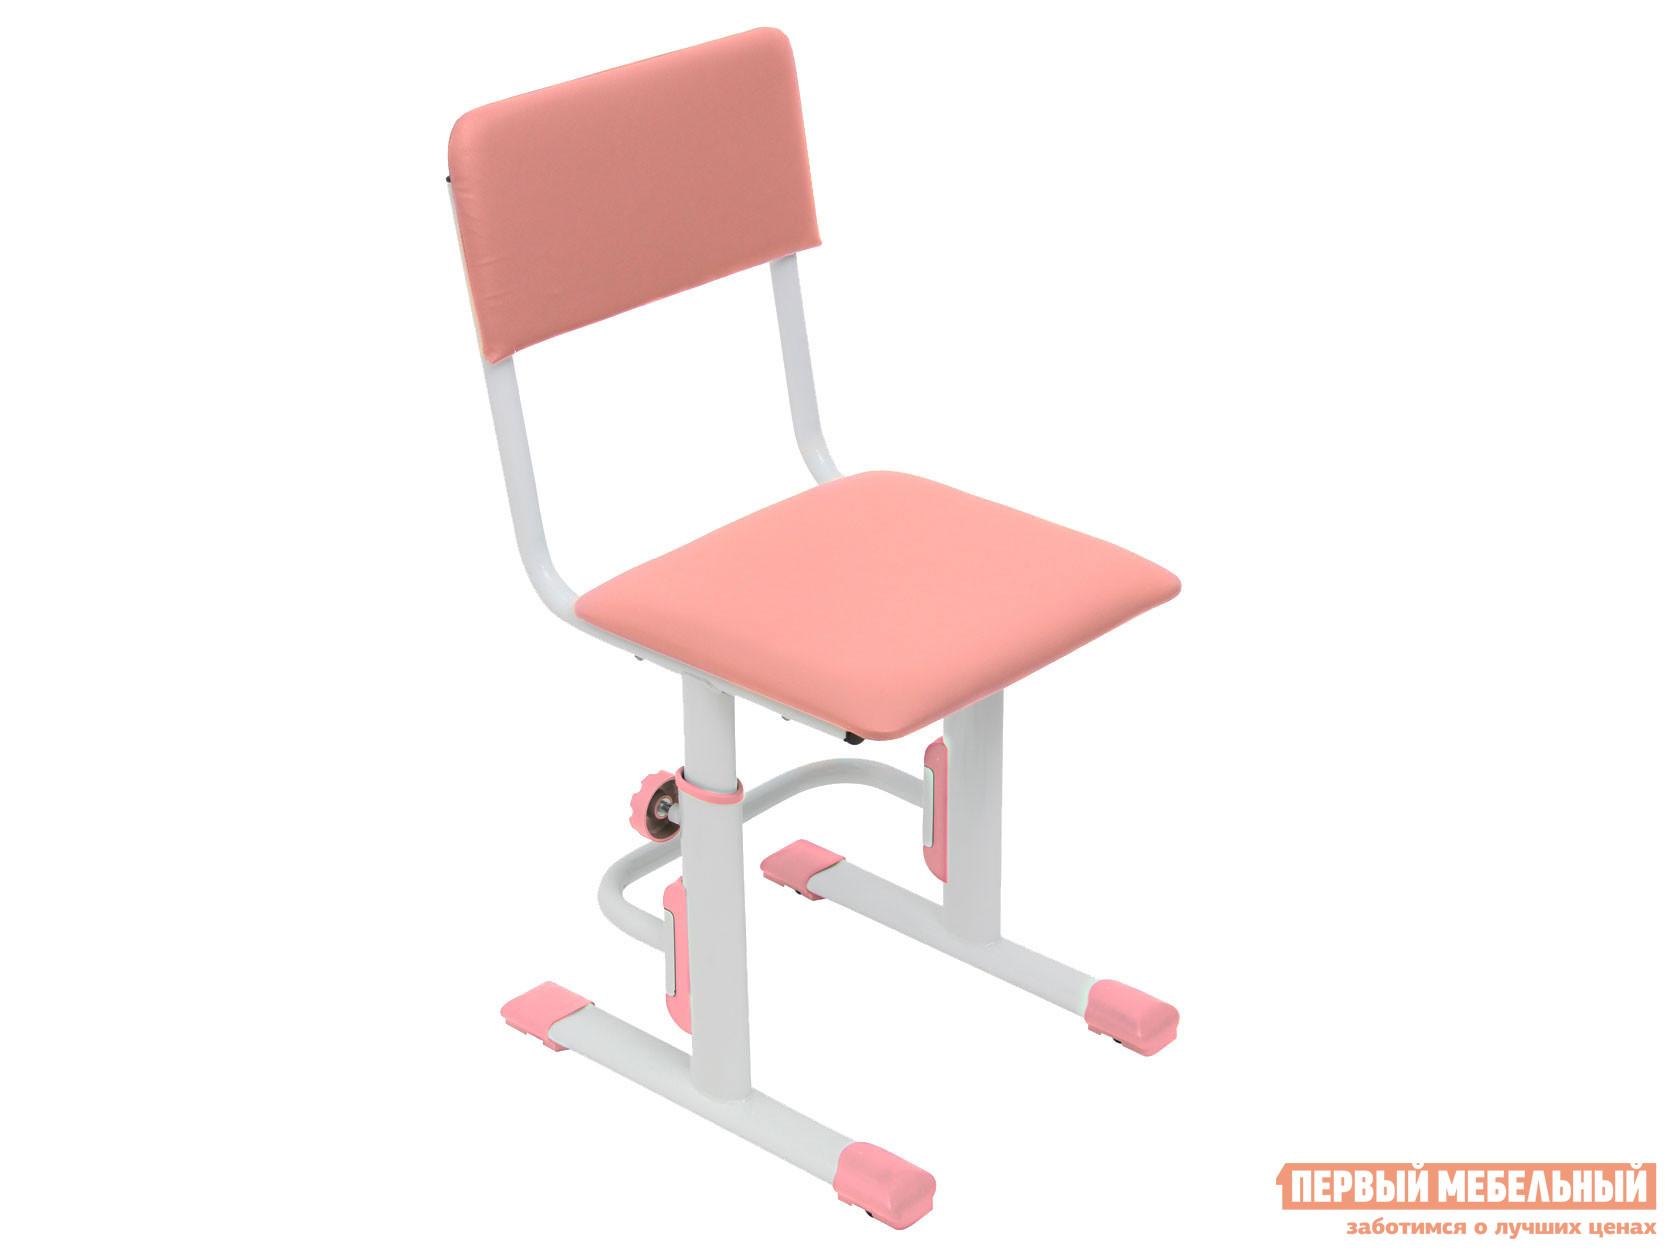 Регулируемый детский стул ВПК Стул для школьника регулируемый Polini kids City / Polini kids Smart S (0001556.69)